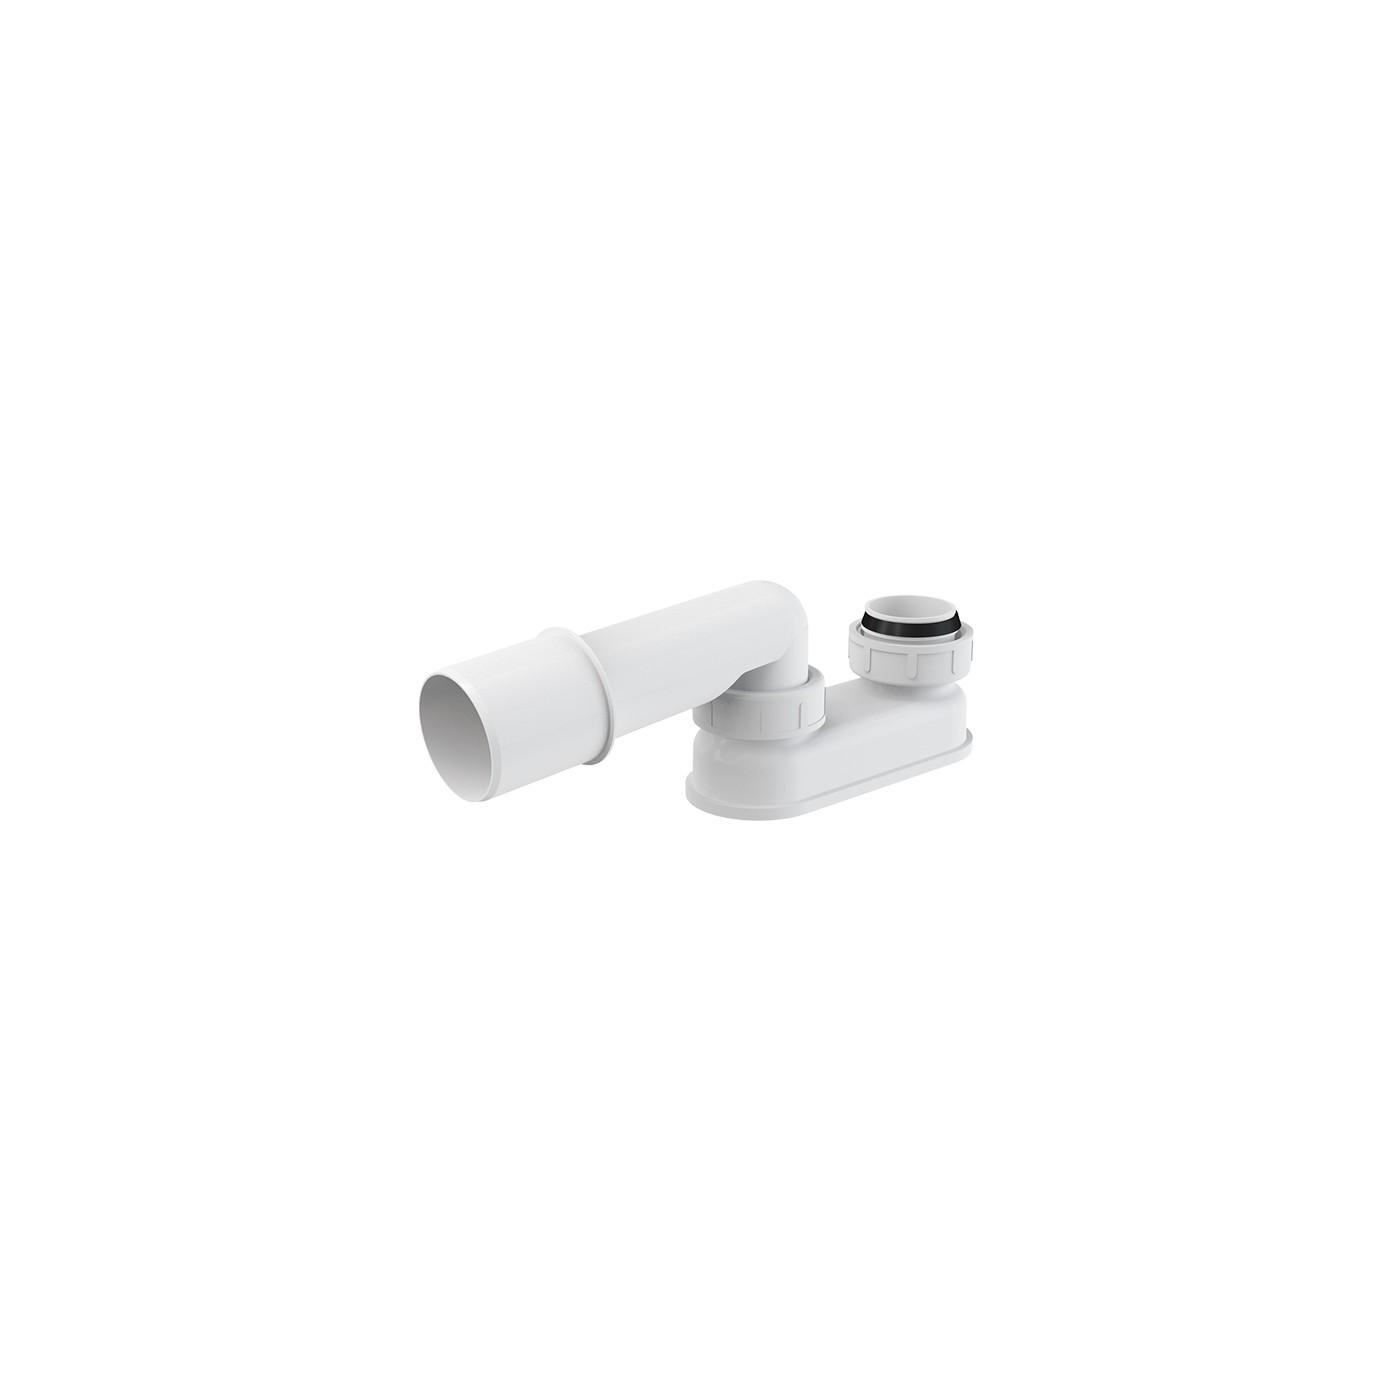 Geruchsverschluss für Ab Überlaufgarnitur DN 50 Badewanne Siphon Sifon Syfon Extra Flach Flachsiphon